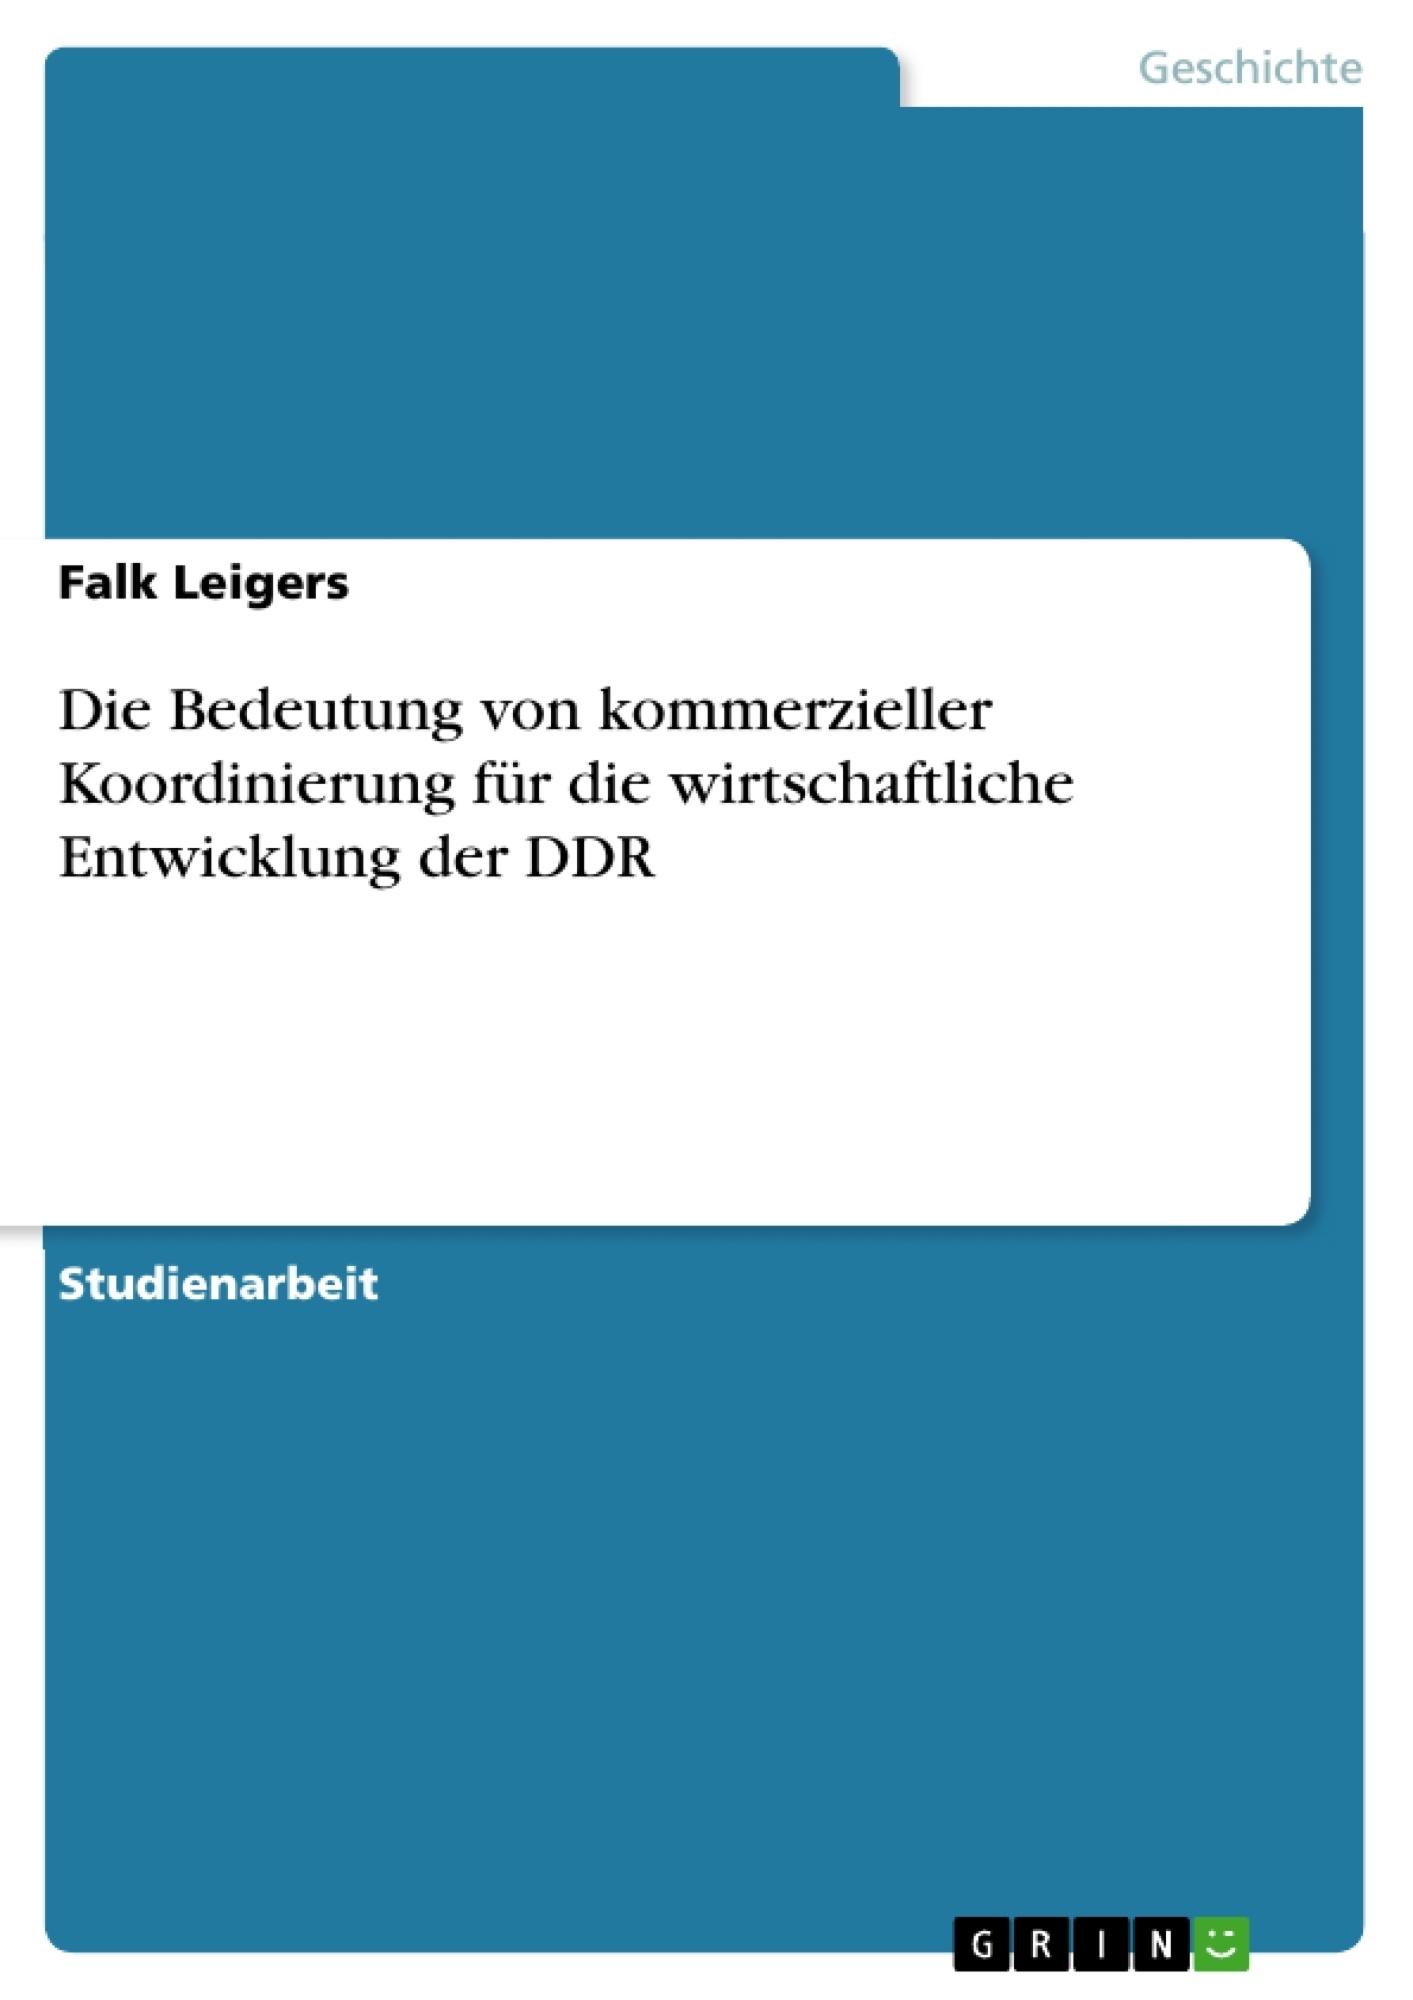 Titel: Die Bedeutung von kommerzieller Koordinierung für die wirtschaftliche Entwicklung der DDR